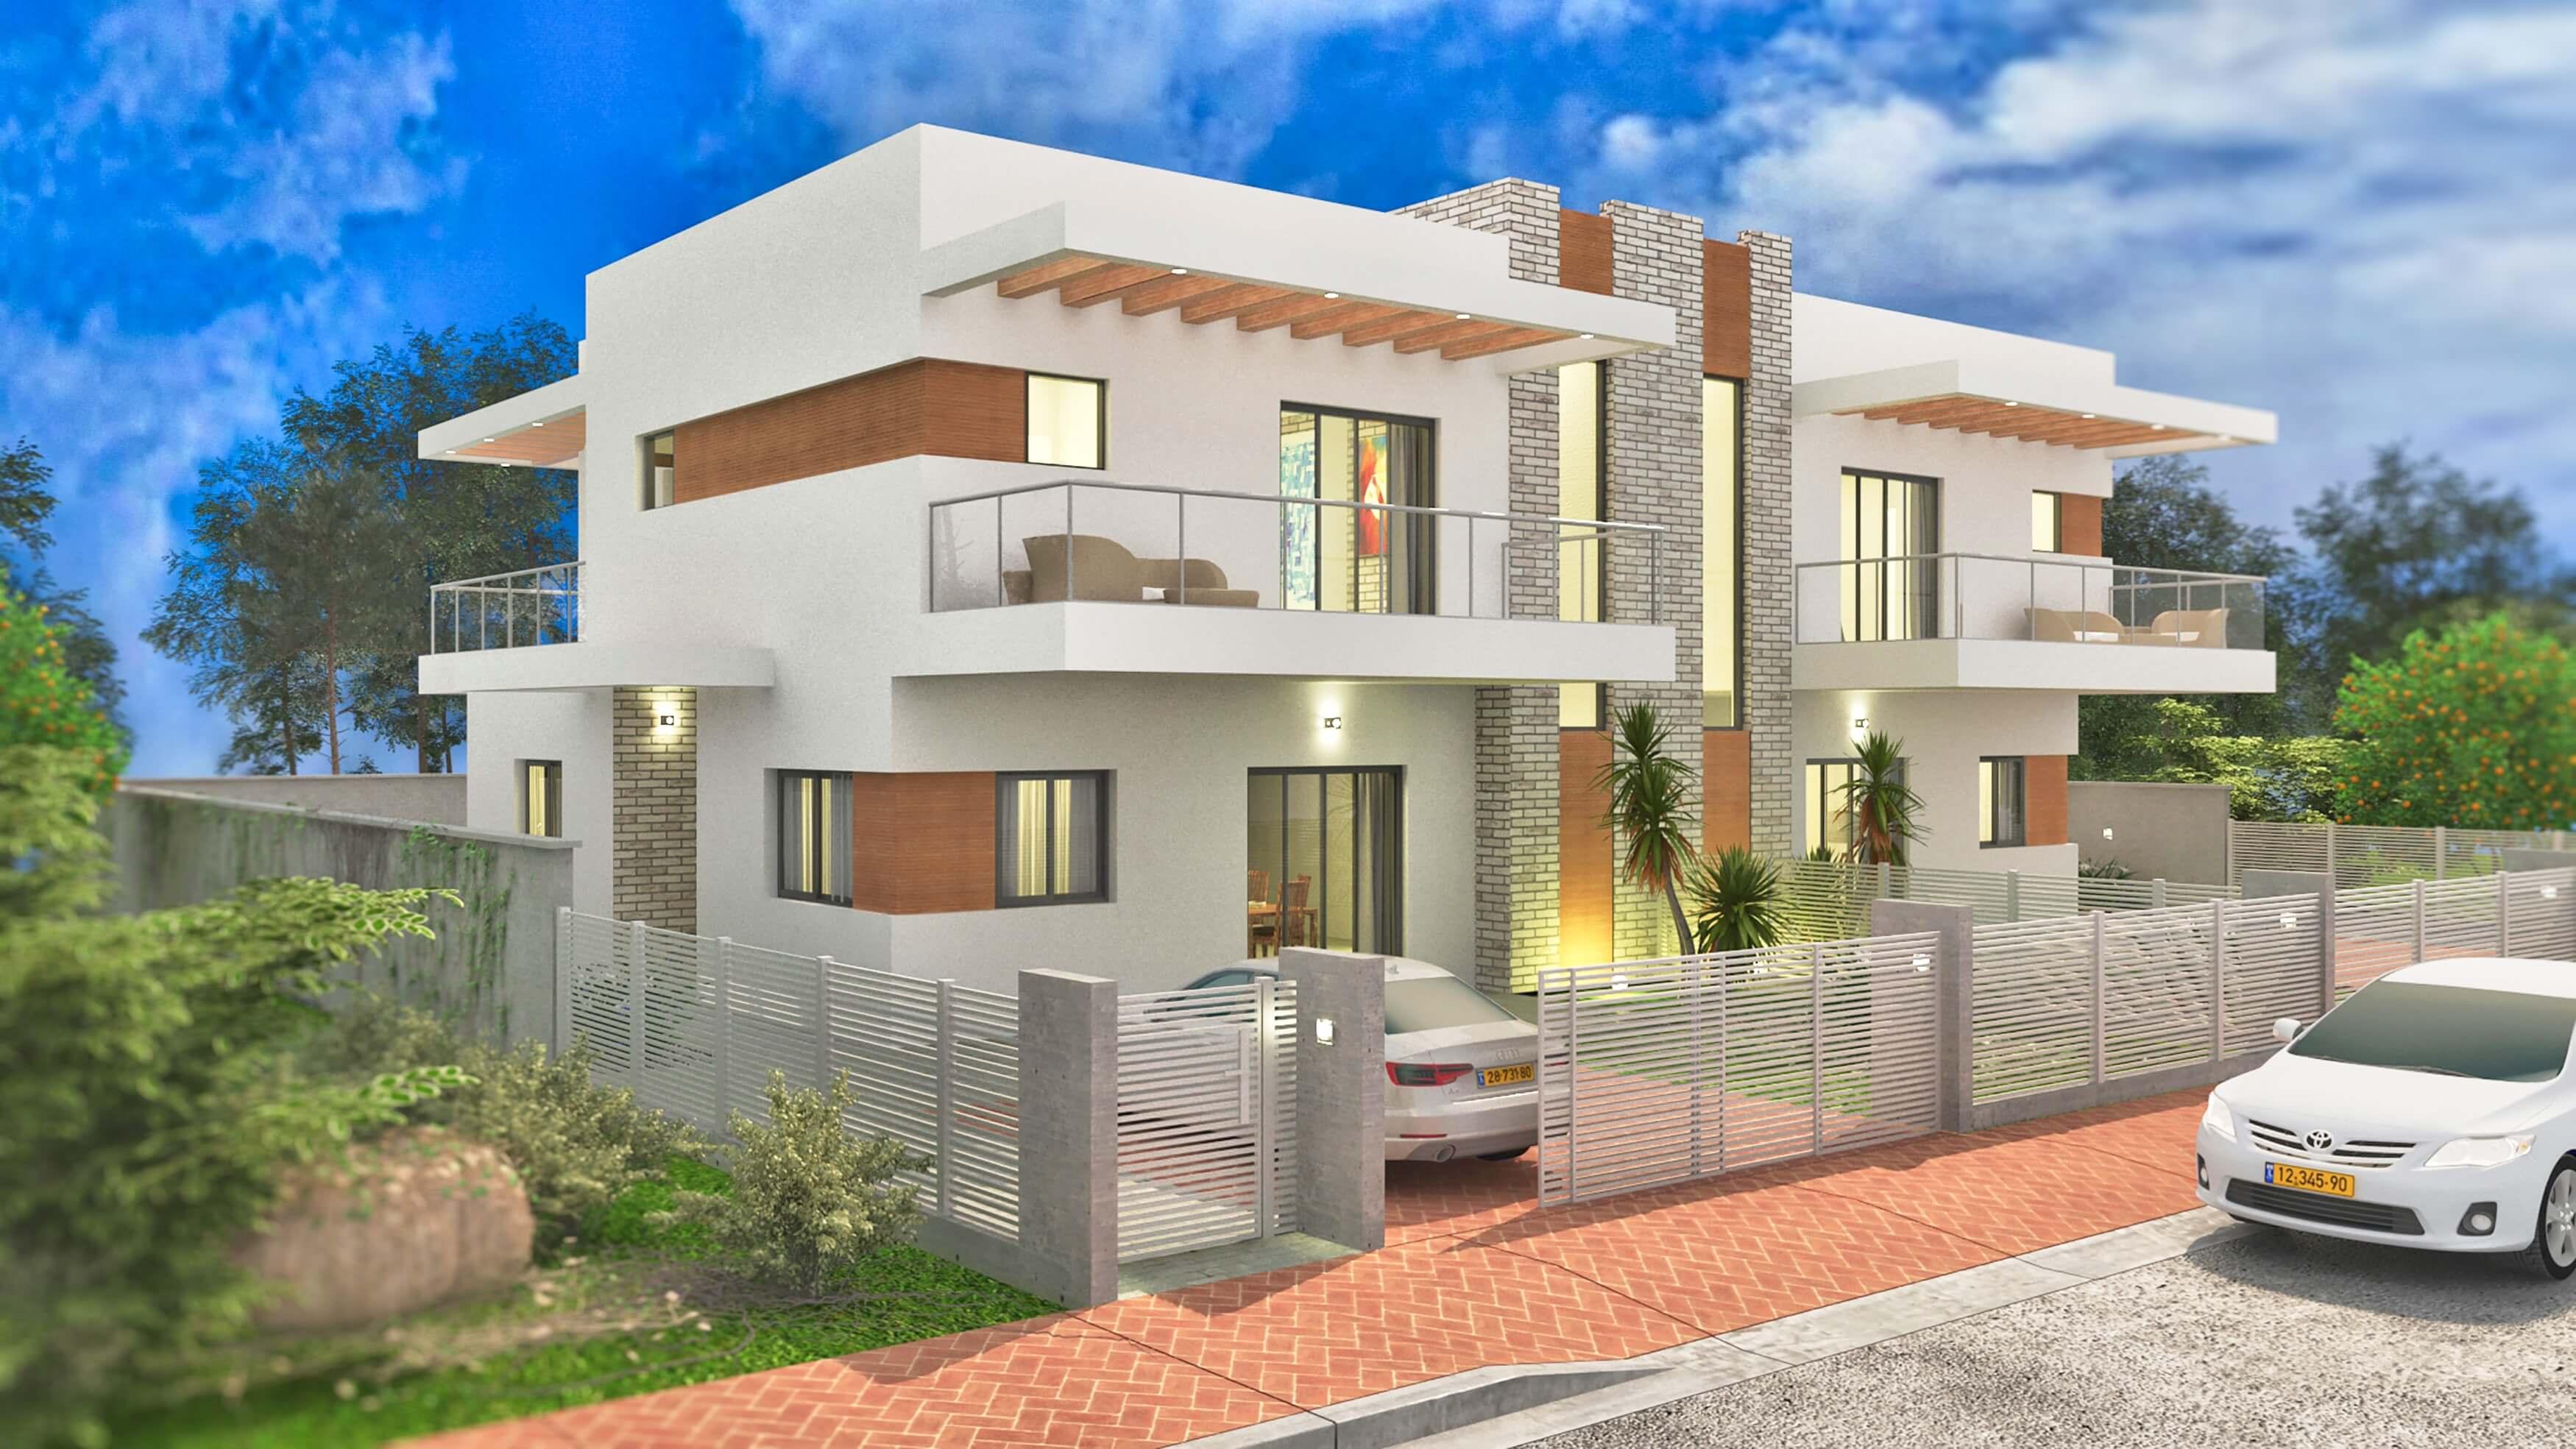 אדריכלות בית דו משפחתי